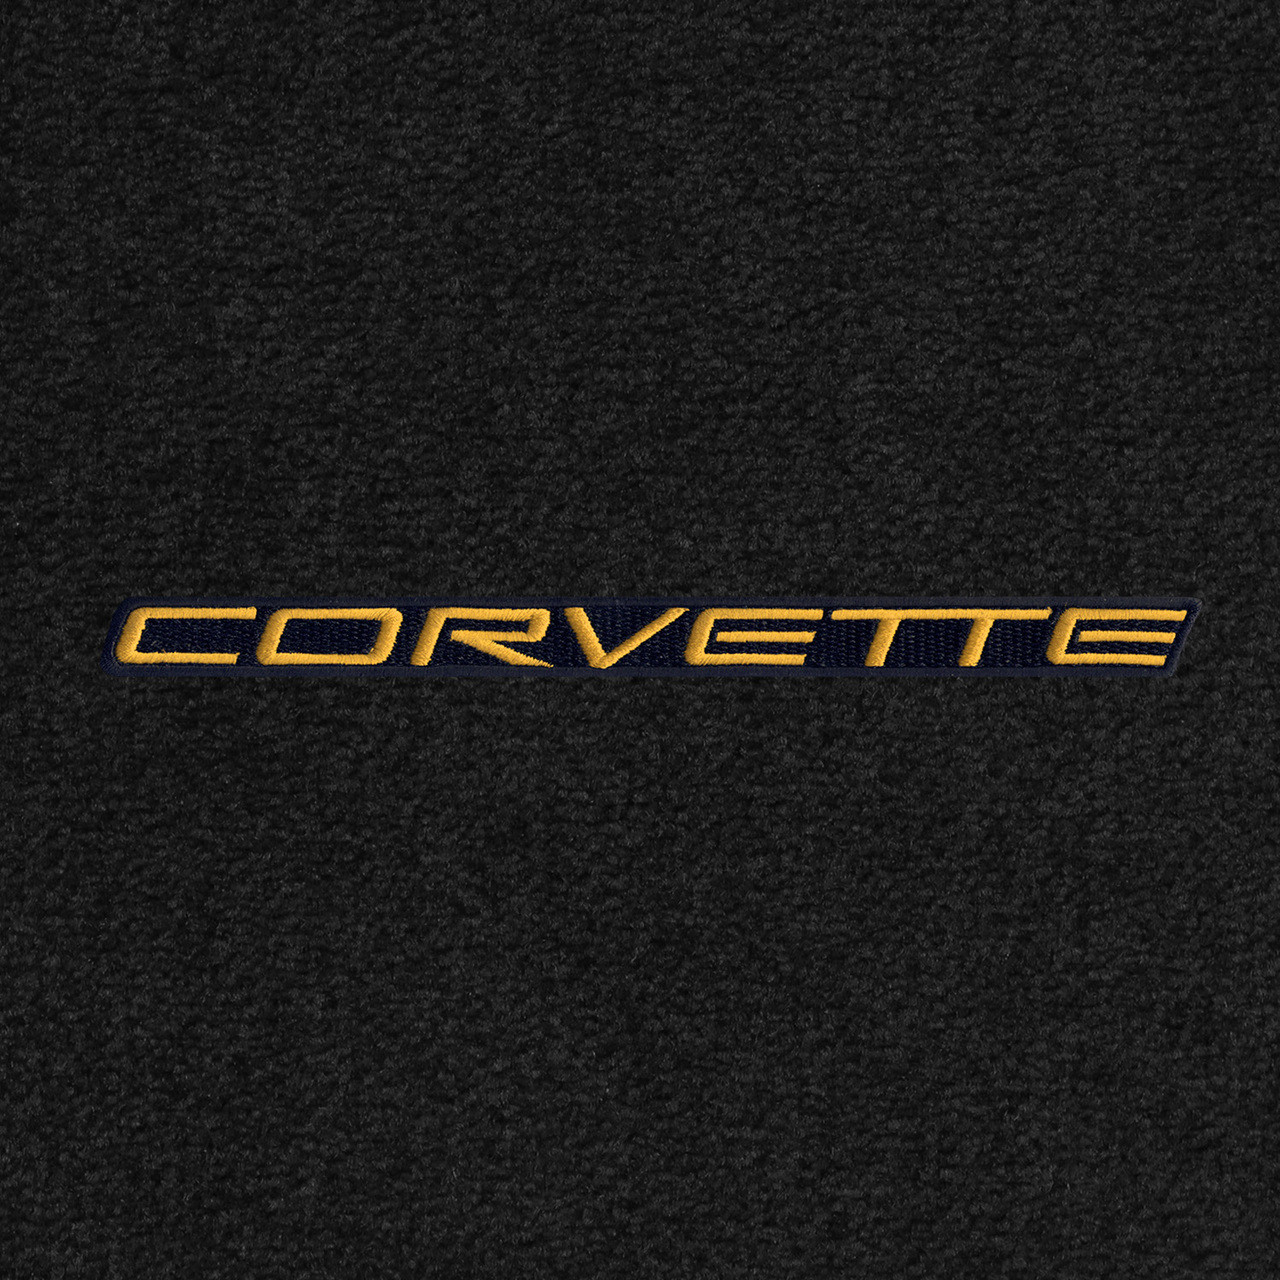 C5 Gold Lettering, Black Background